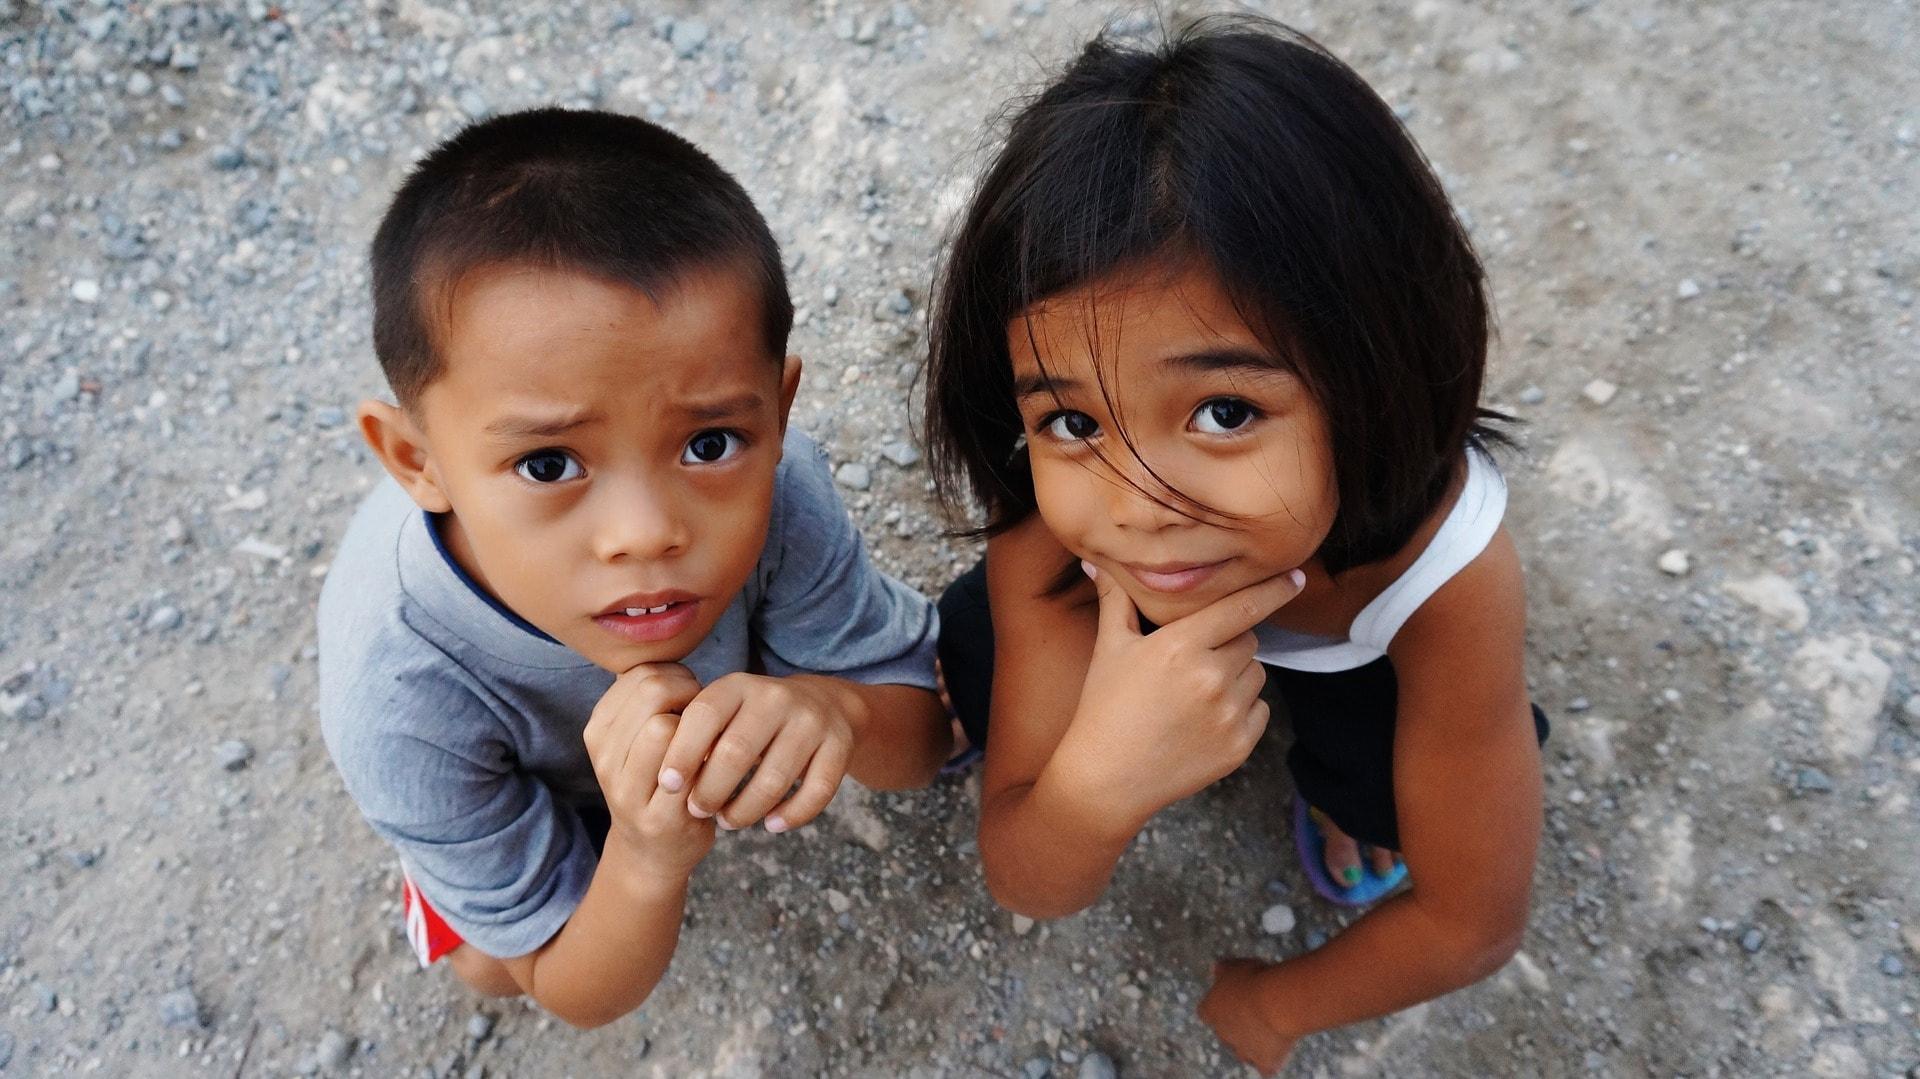 Niemals solltest du bettelnden Kindern im Ausland Geld geben.